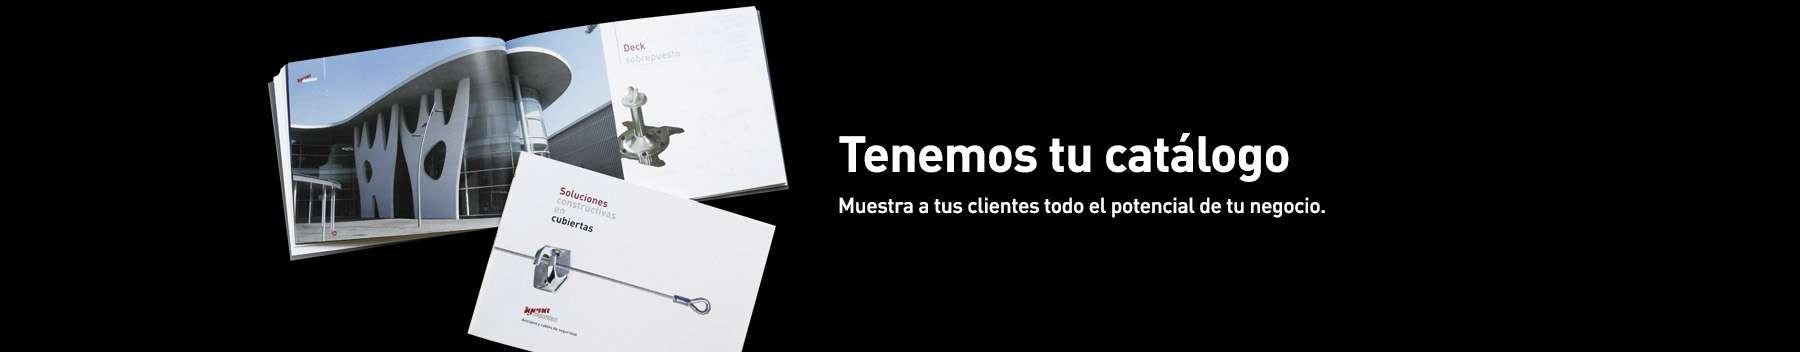 catalogo_creatib_es